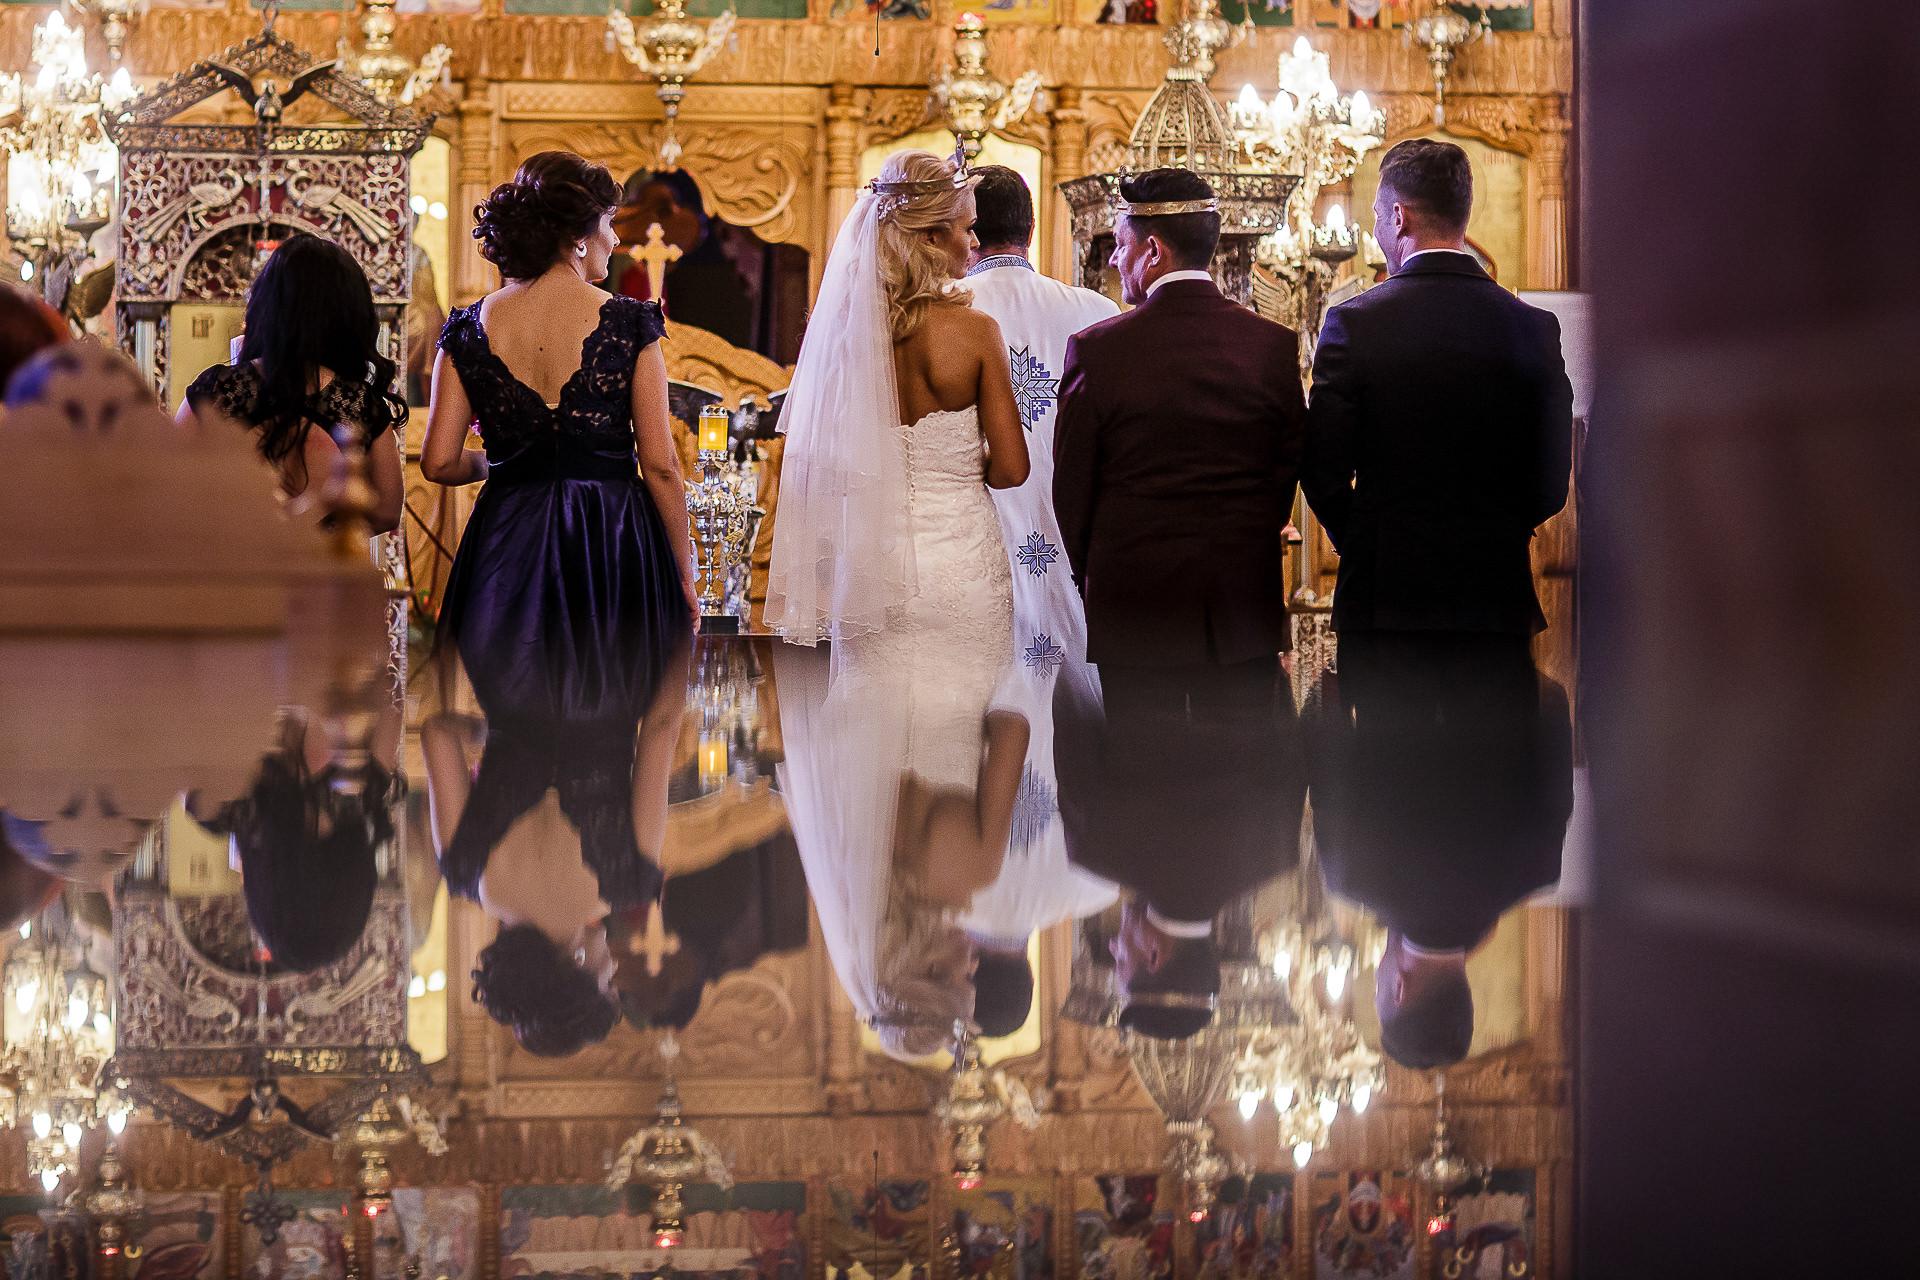 Fotograf nuntă Bucureşti - Biserica Militara Sfântul Mina + Metropolitan Club and Events - Marinela şi Pasquale - Mihai Zaharia Photography - 31